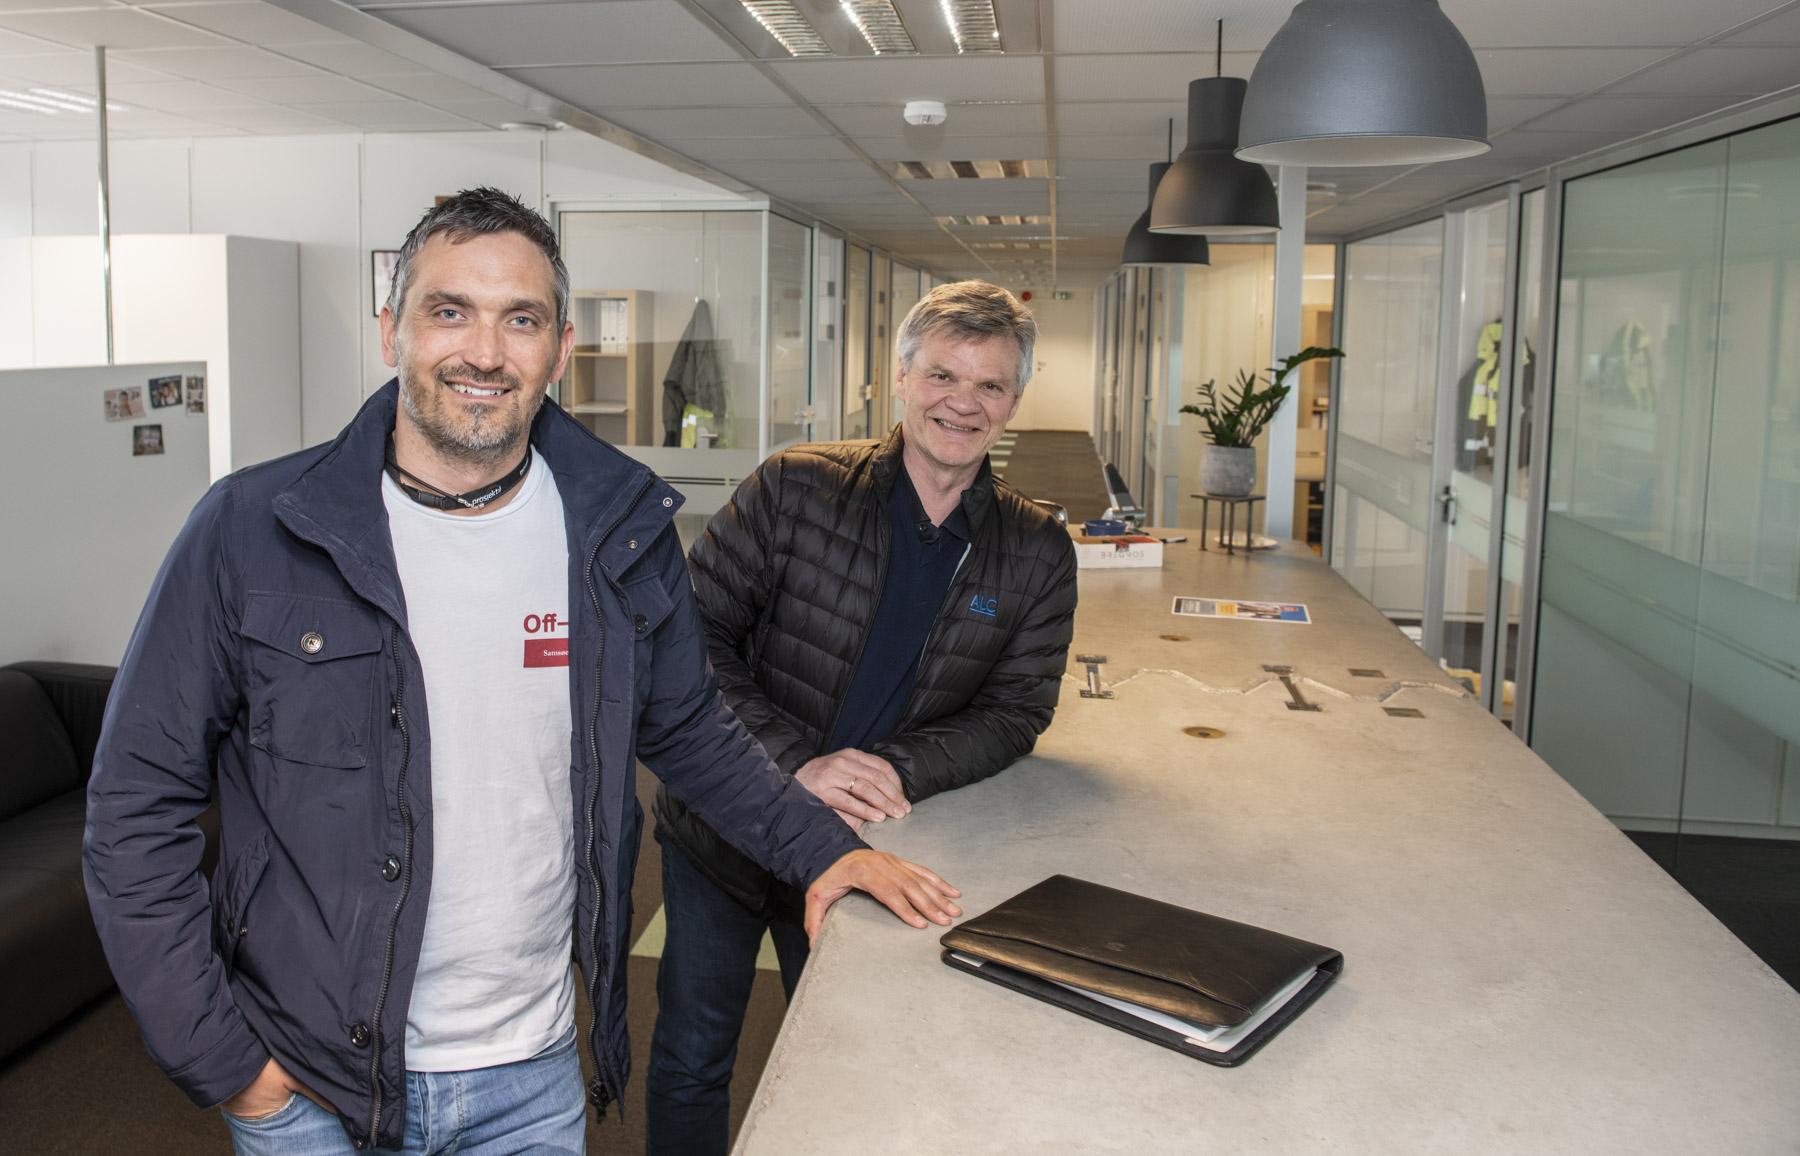 Daglig leder i Prosjektil, Sverre Heskestad, og Arild M. Lunde, daglig leder i ALC er fornøyd med å være en del av samme organisasjon .